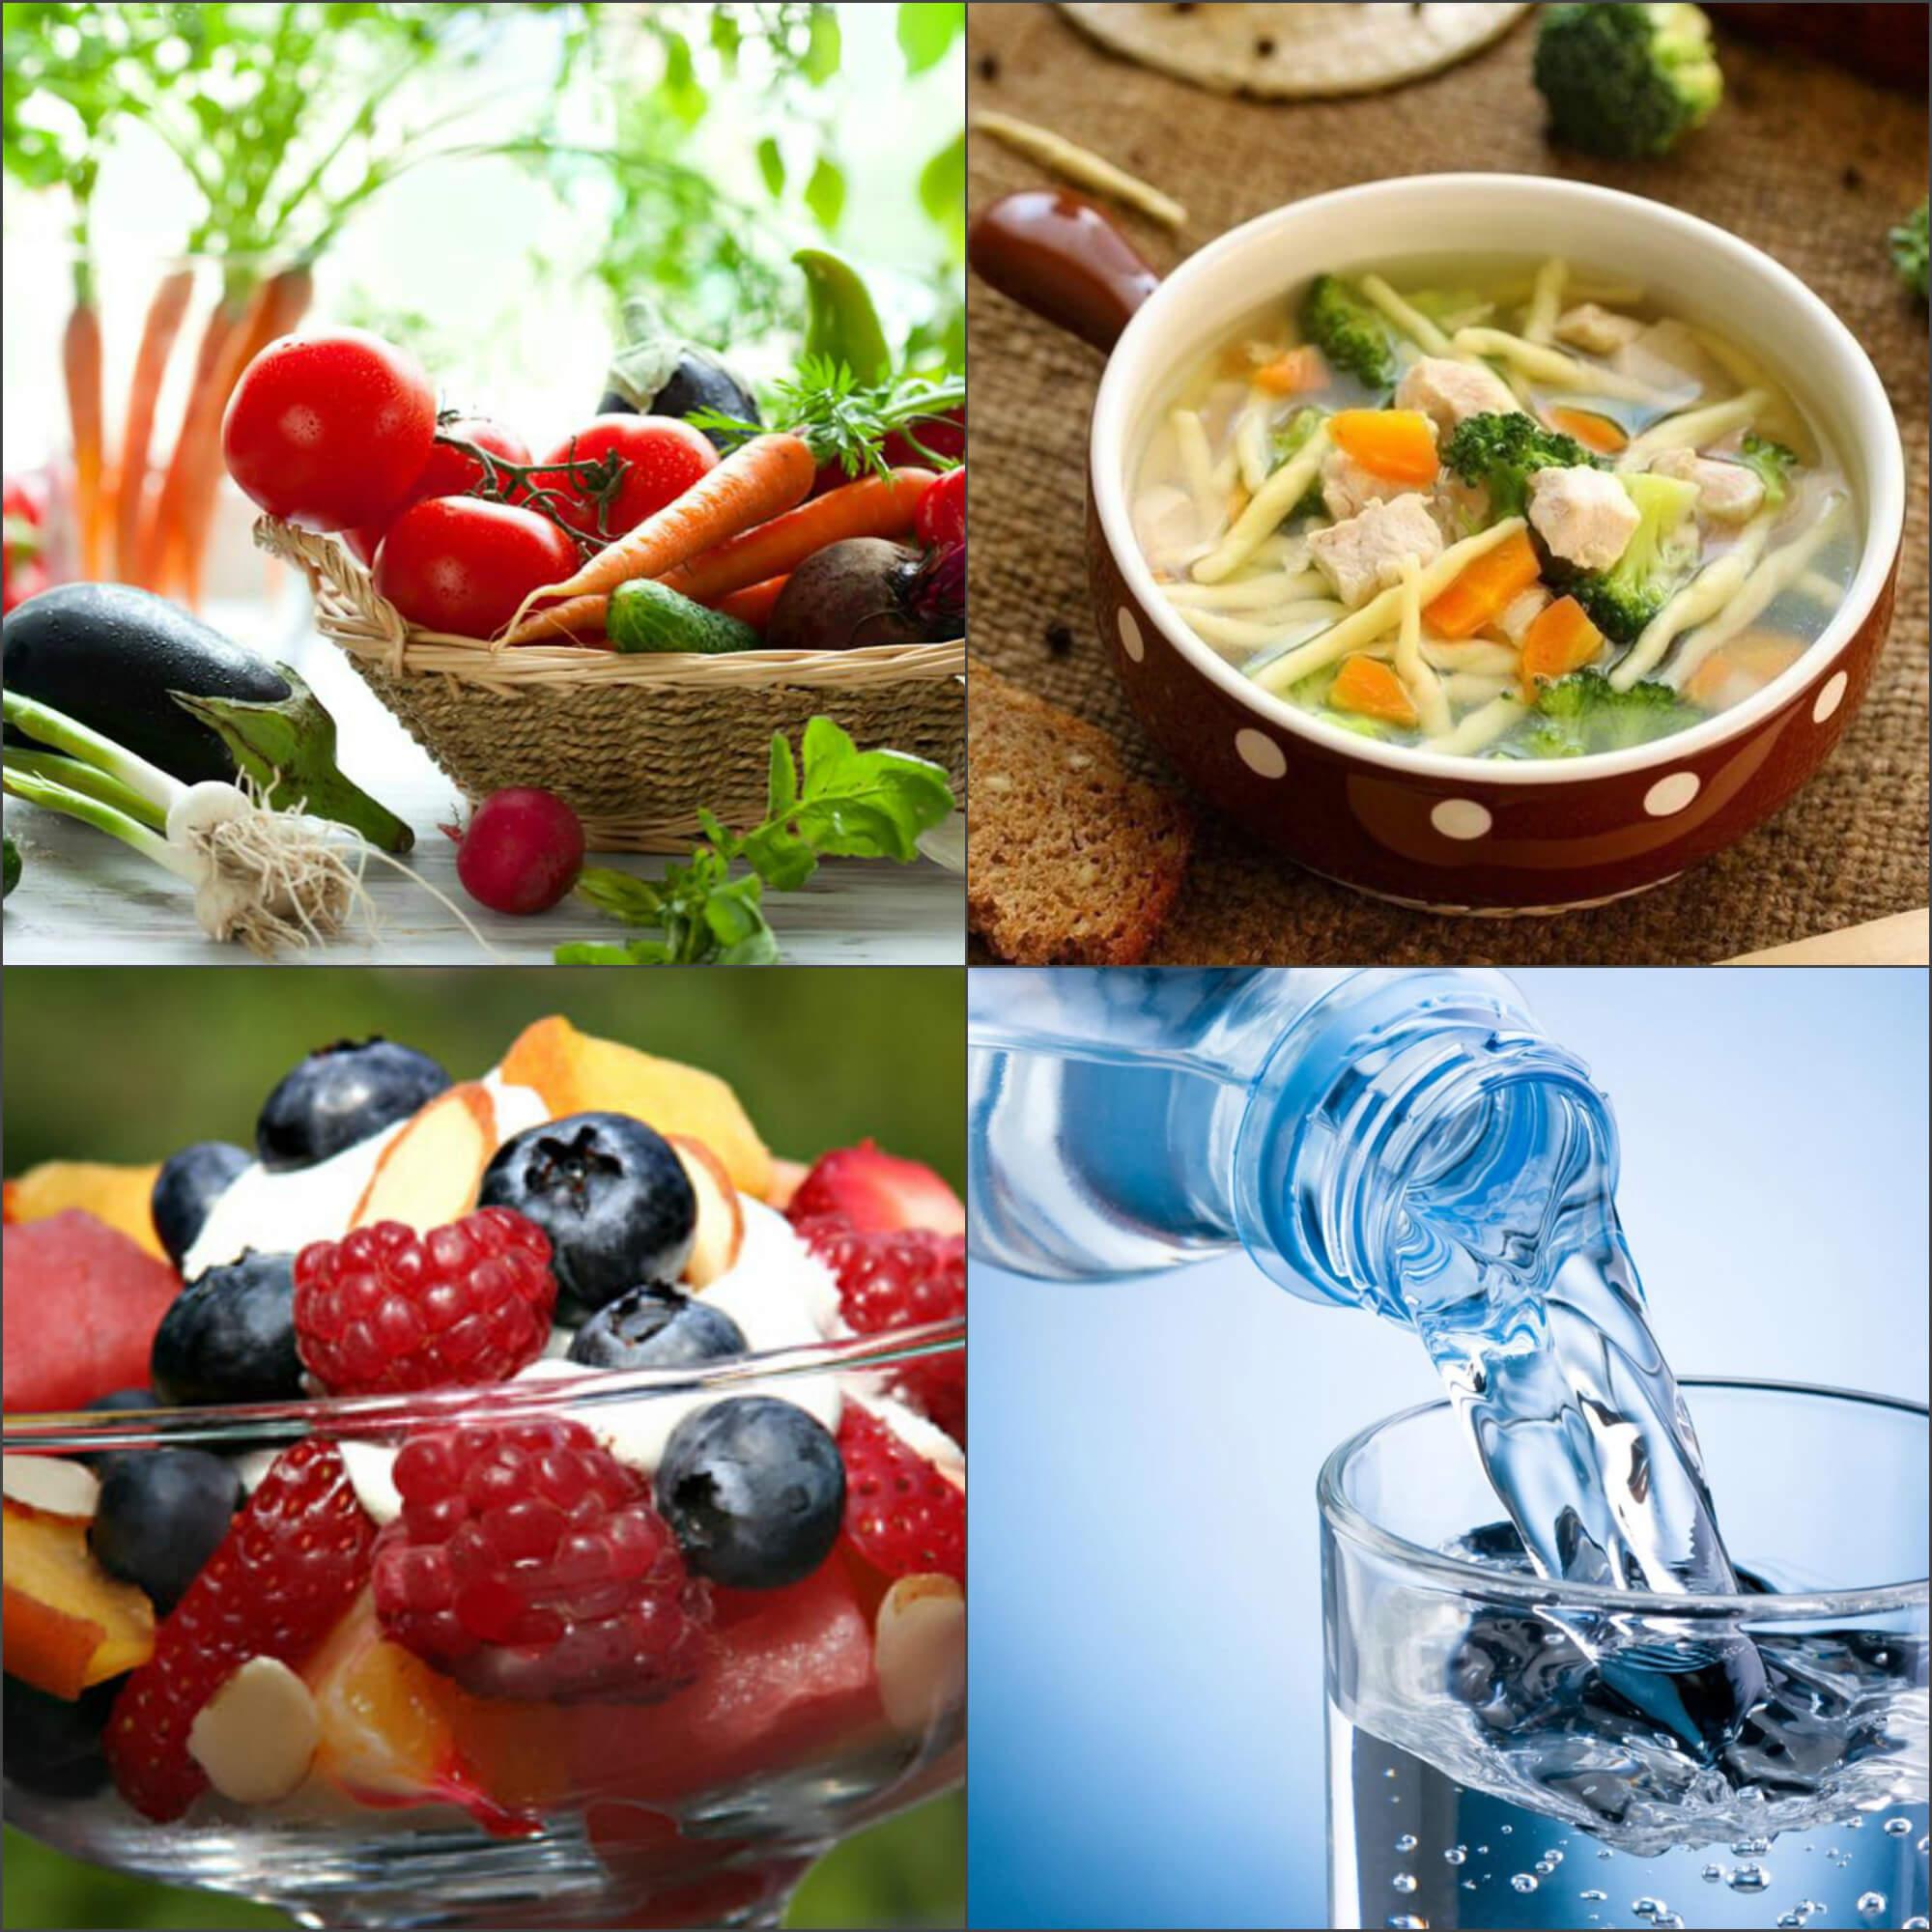 Сельдереевая диета на 7 дней меню и рецепты блюд